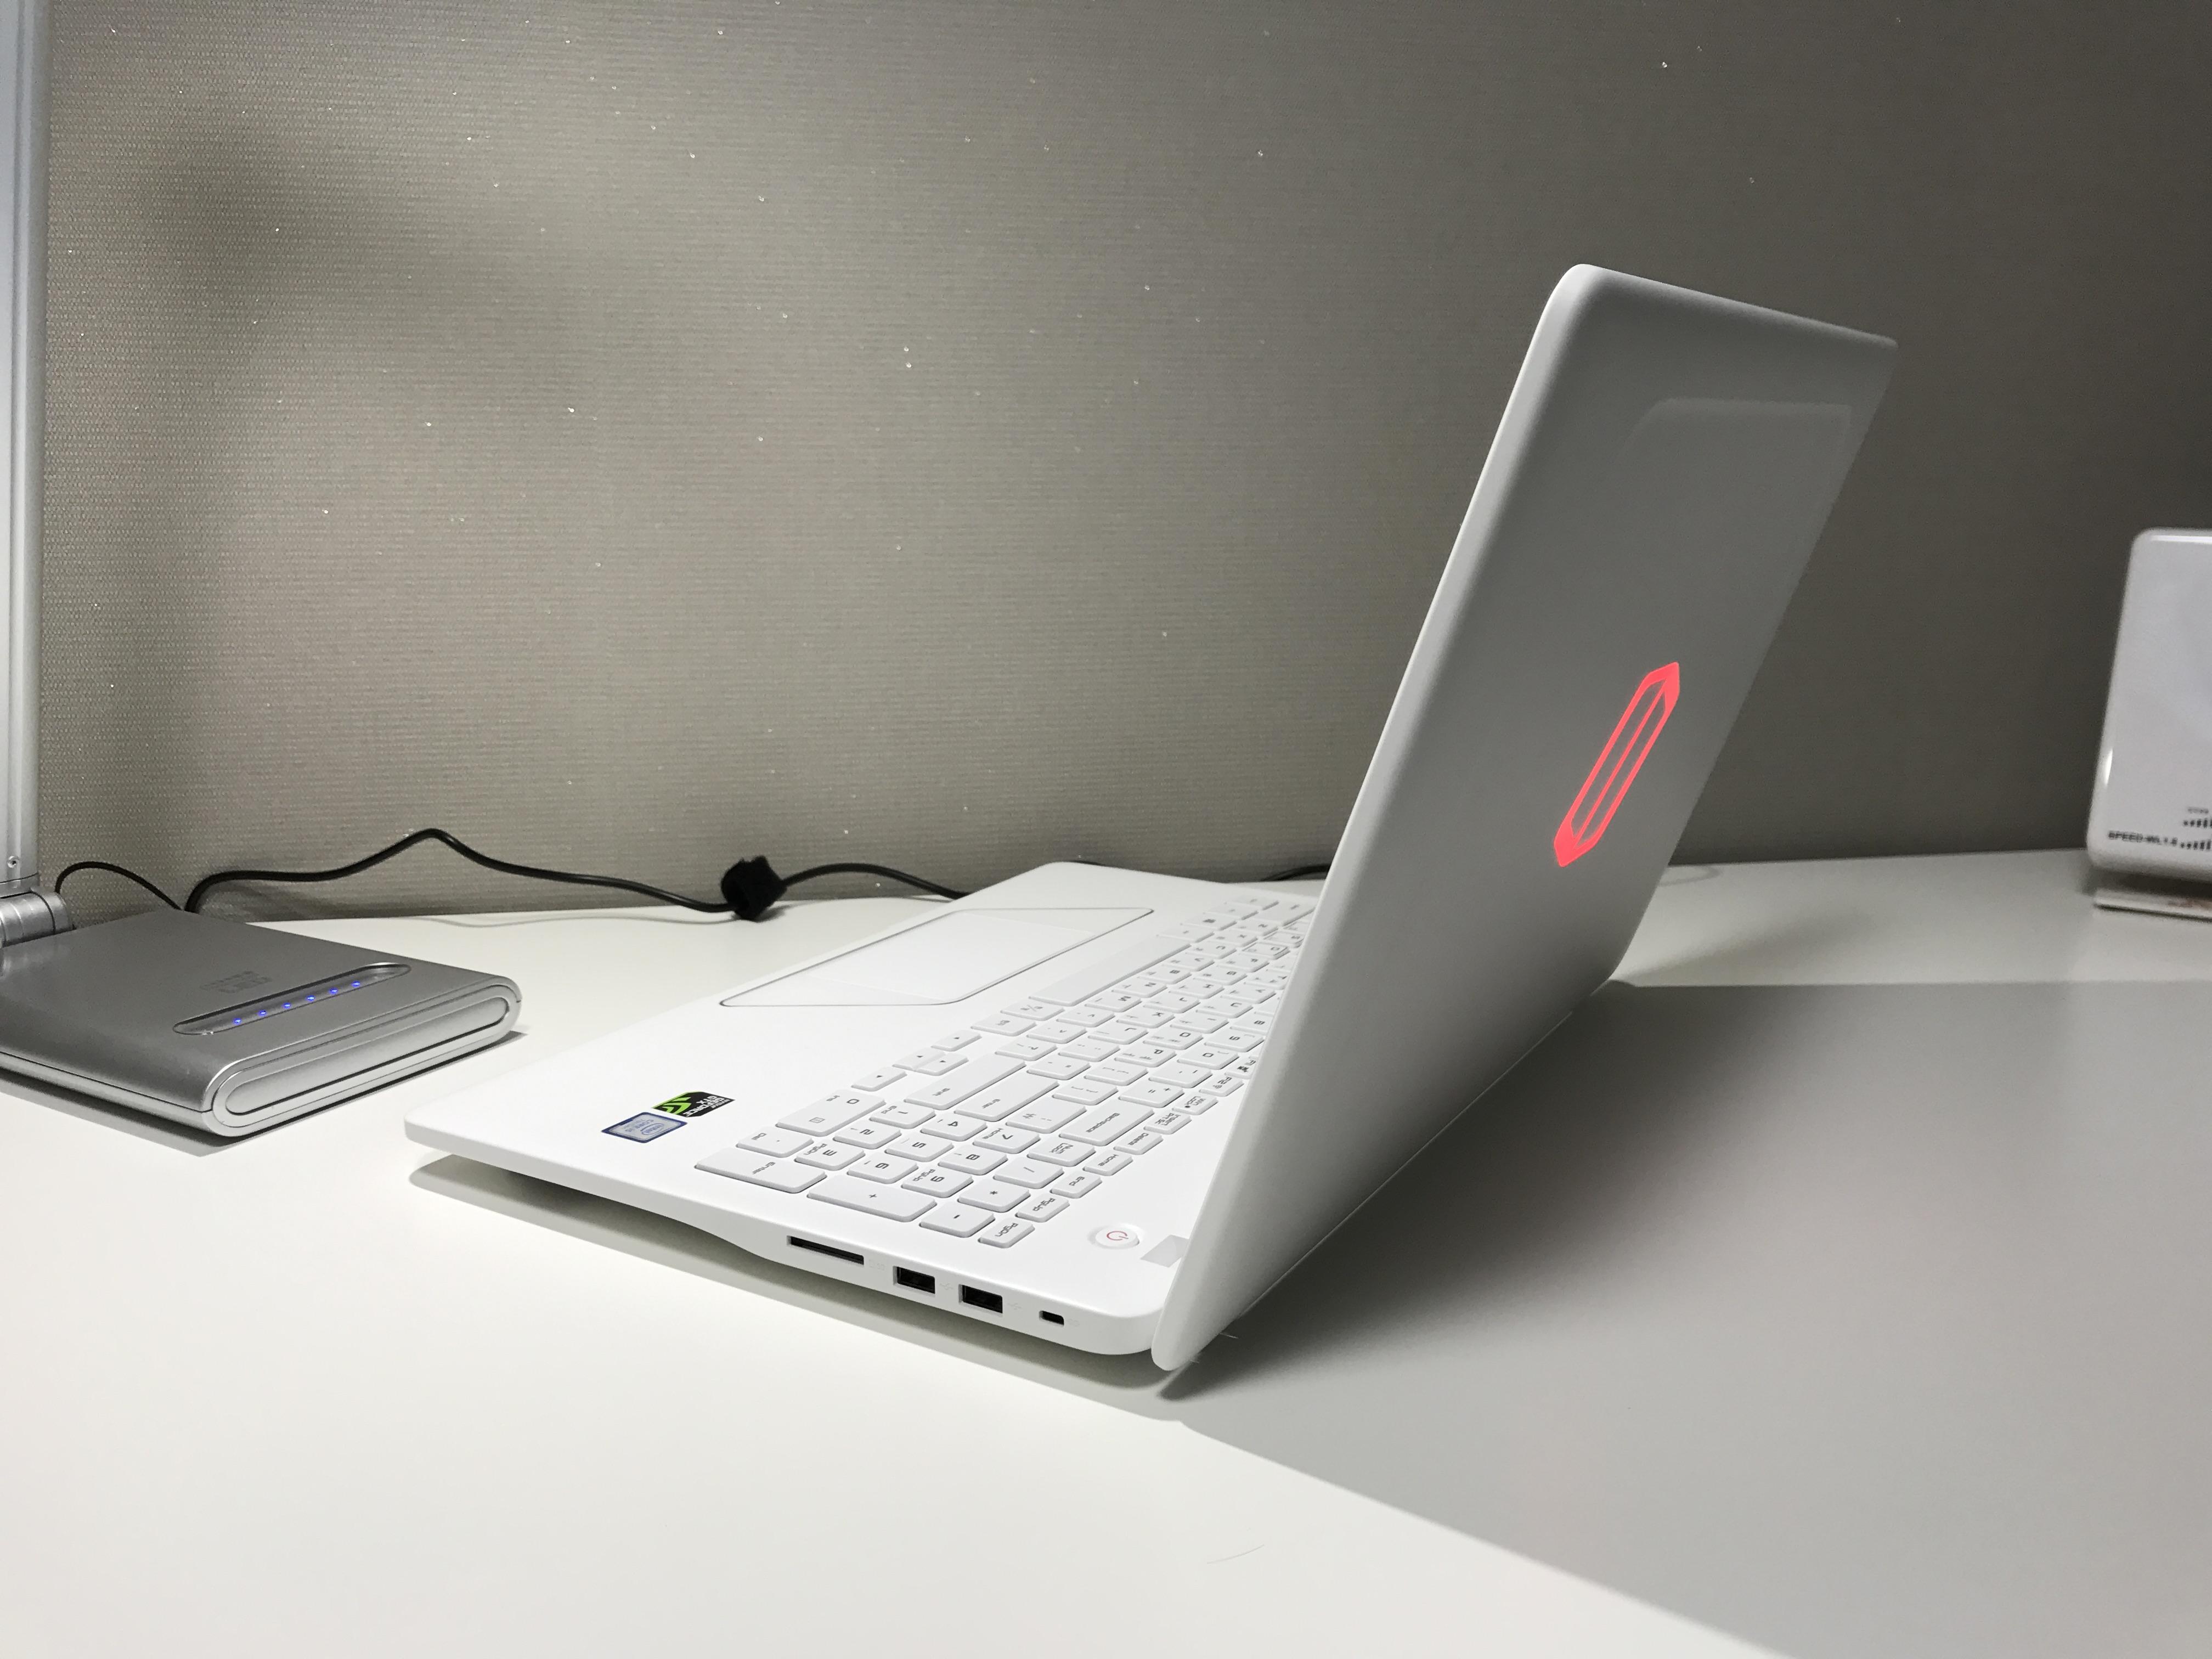 삼성노트북 오디세이 NT800G5M-X58S 사용 후기입니다.